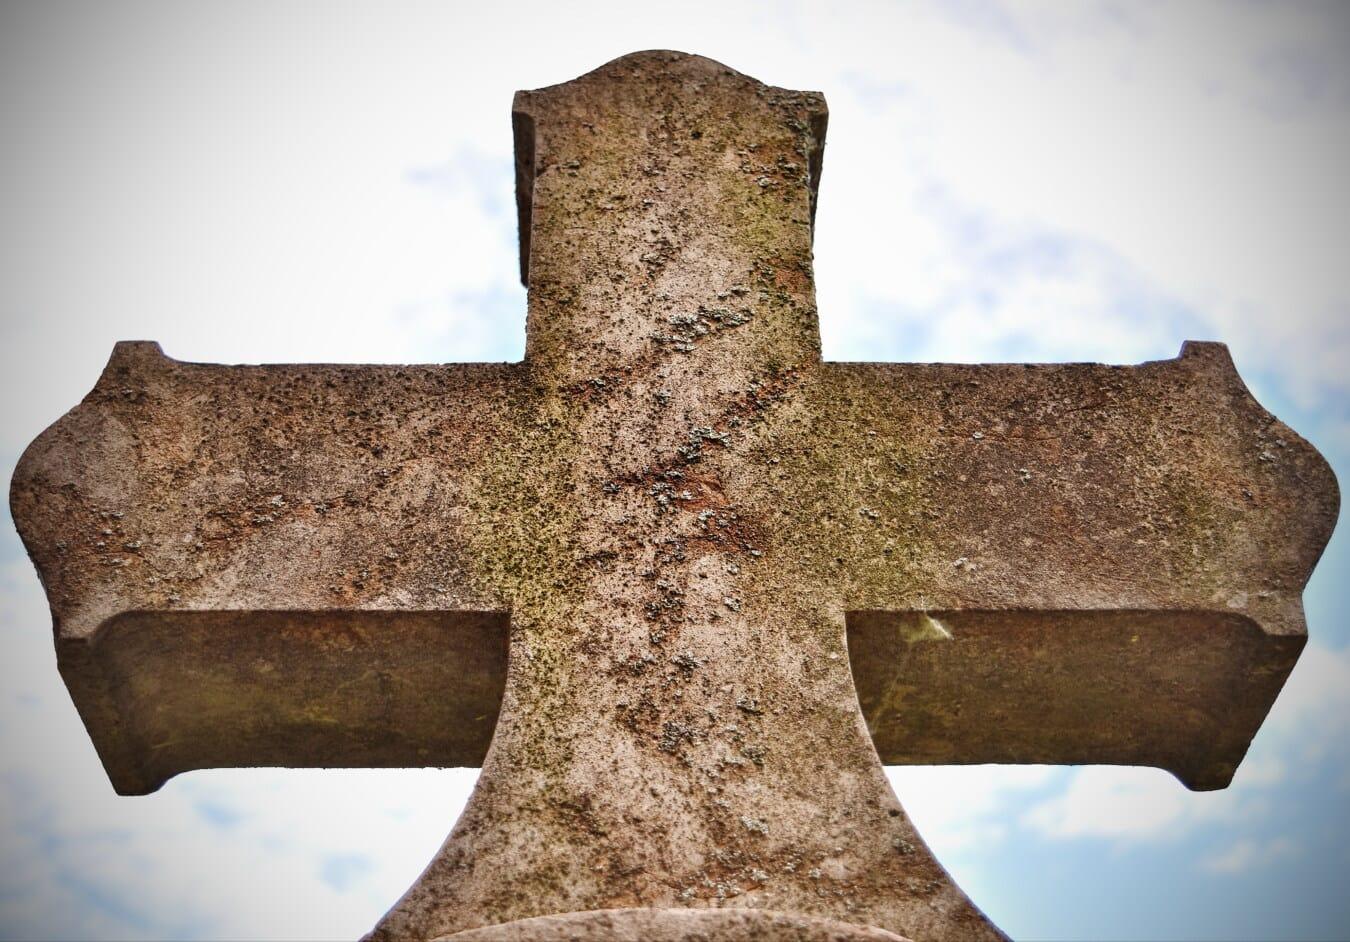 хрест, кельтський стиль, християнство, символ, смерть, кладовище, мармур, надгробок, надгробок, поховання